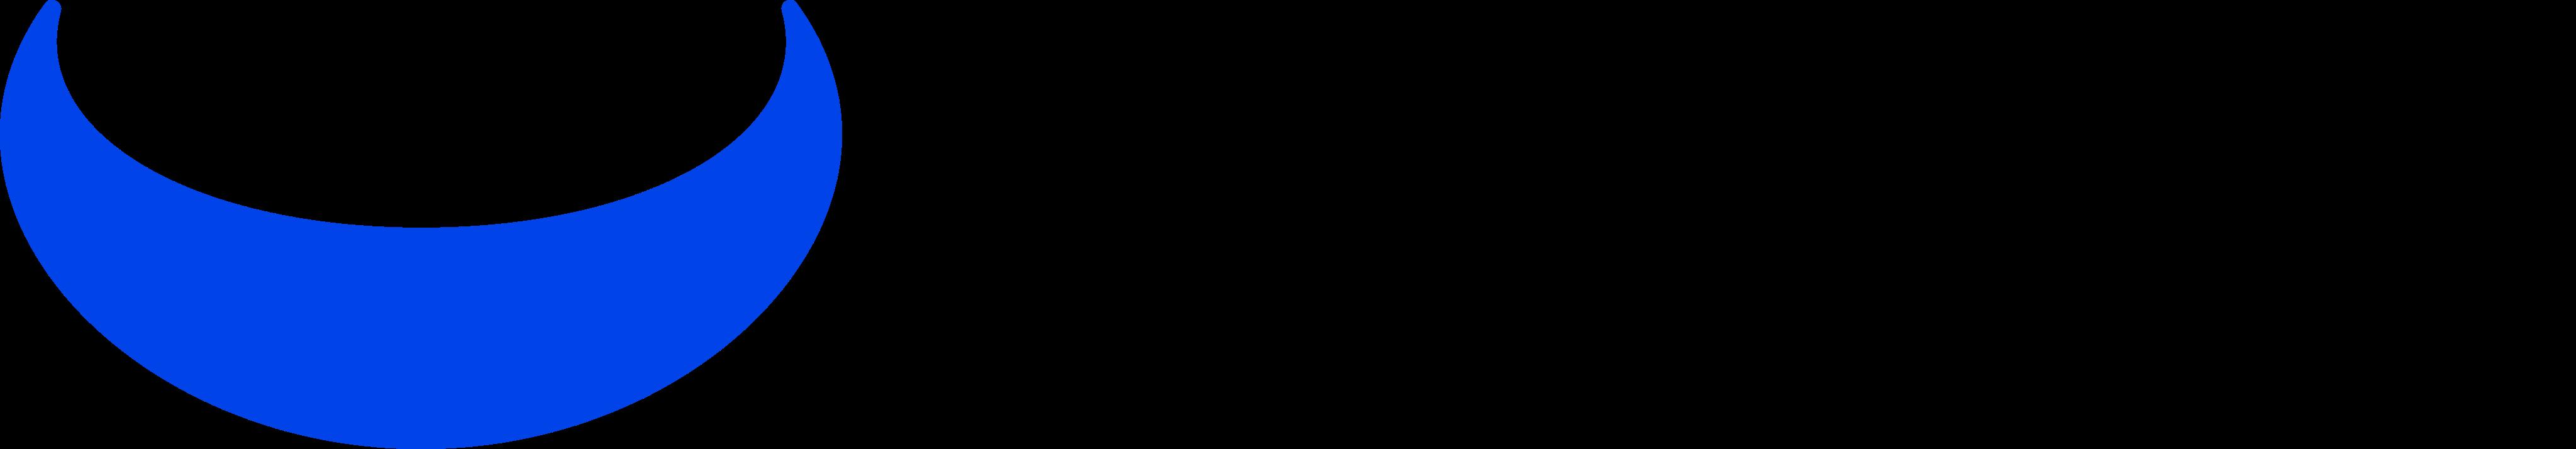 webull logo - Webull Logo